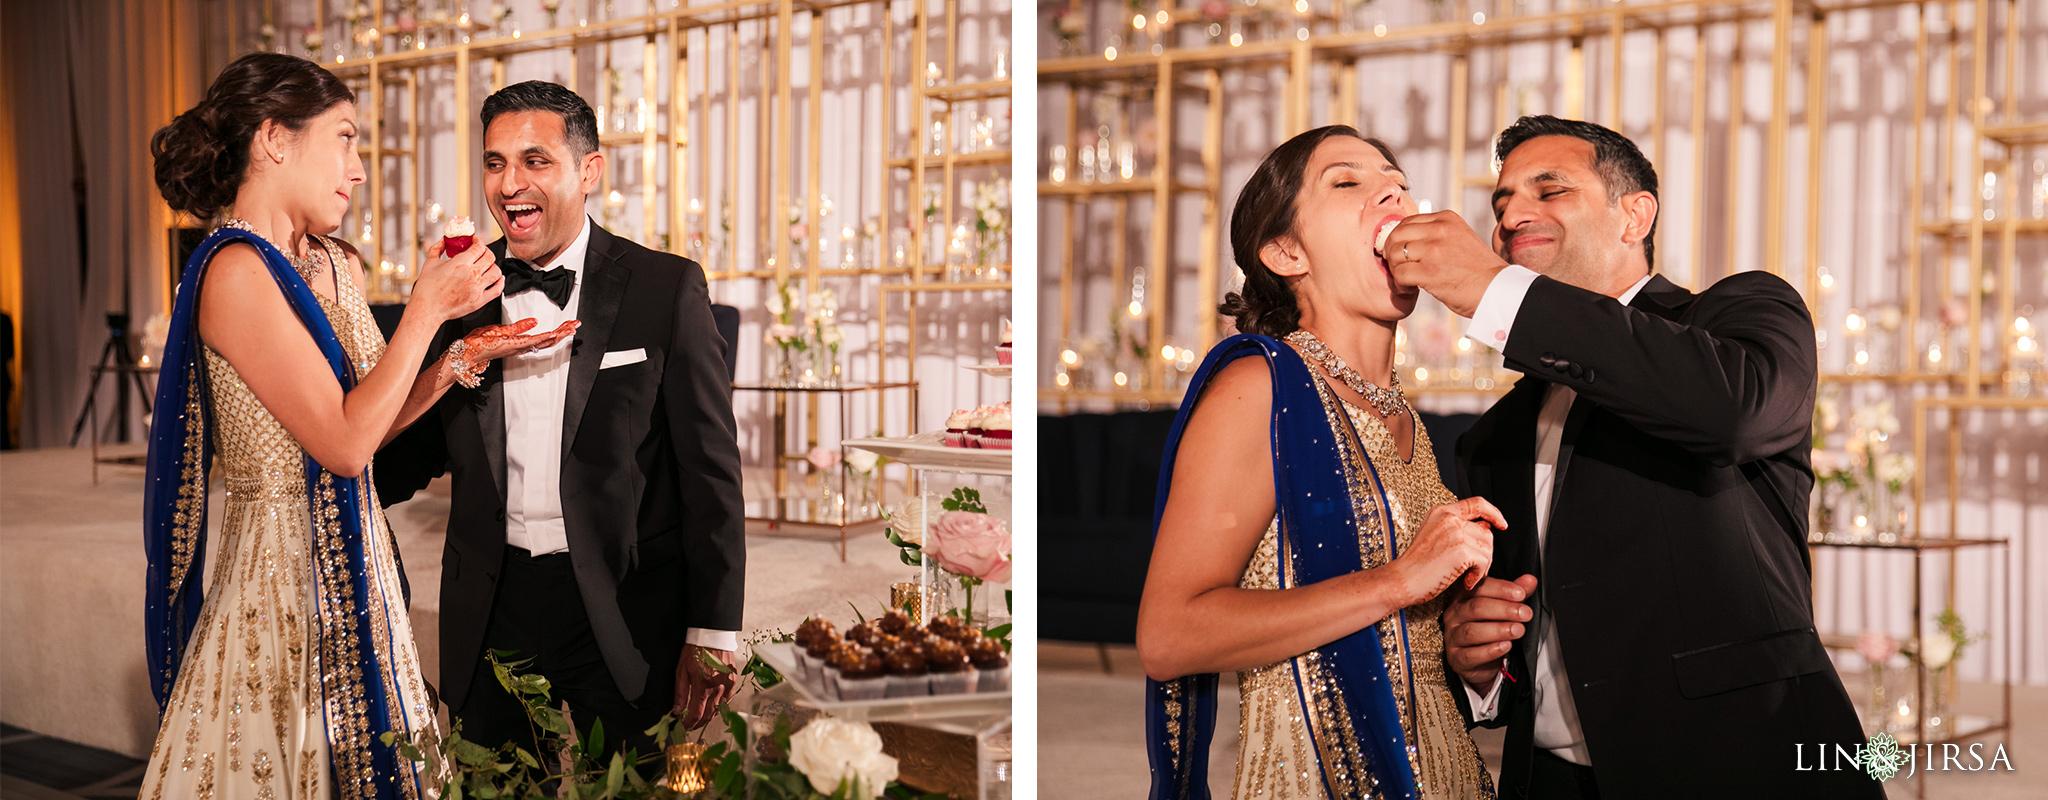 38 Hyatt Long Beach Indian Wedding Photography